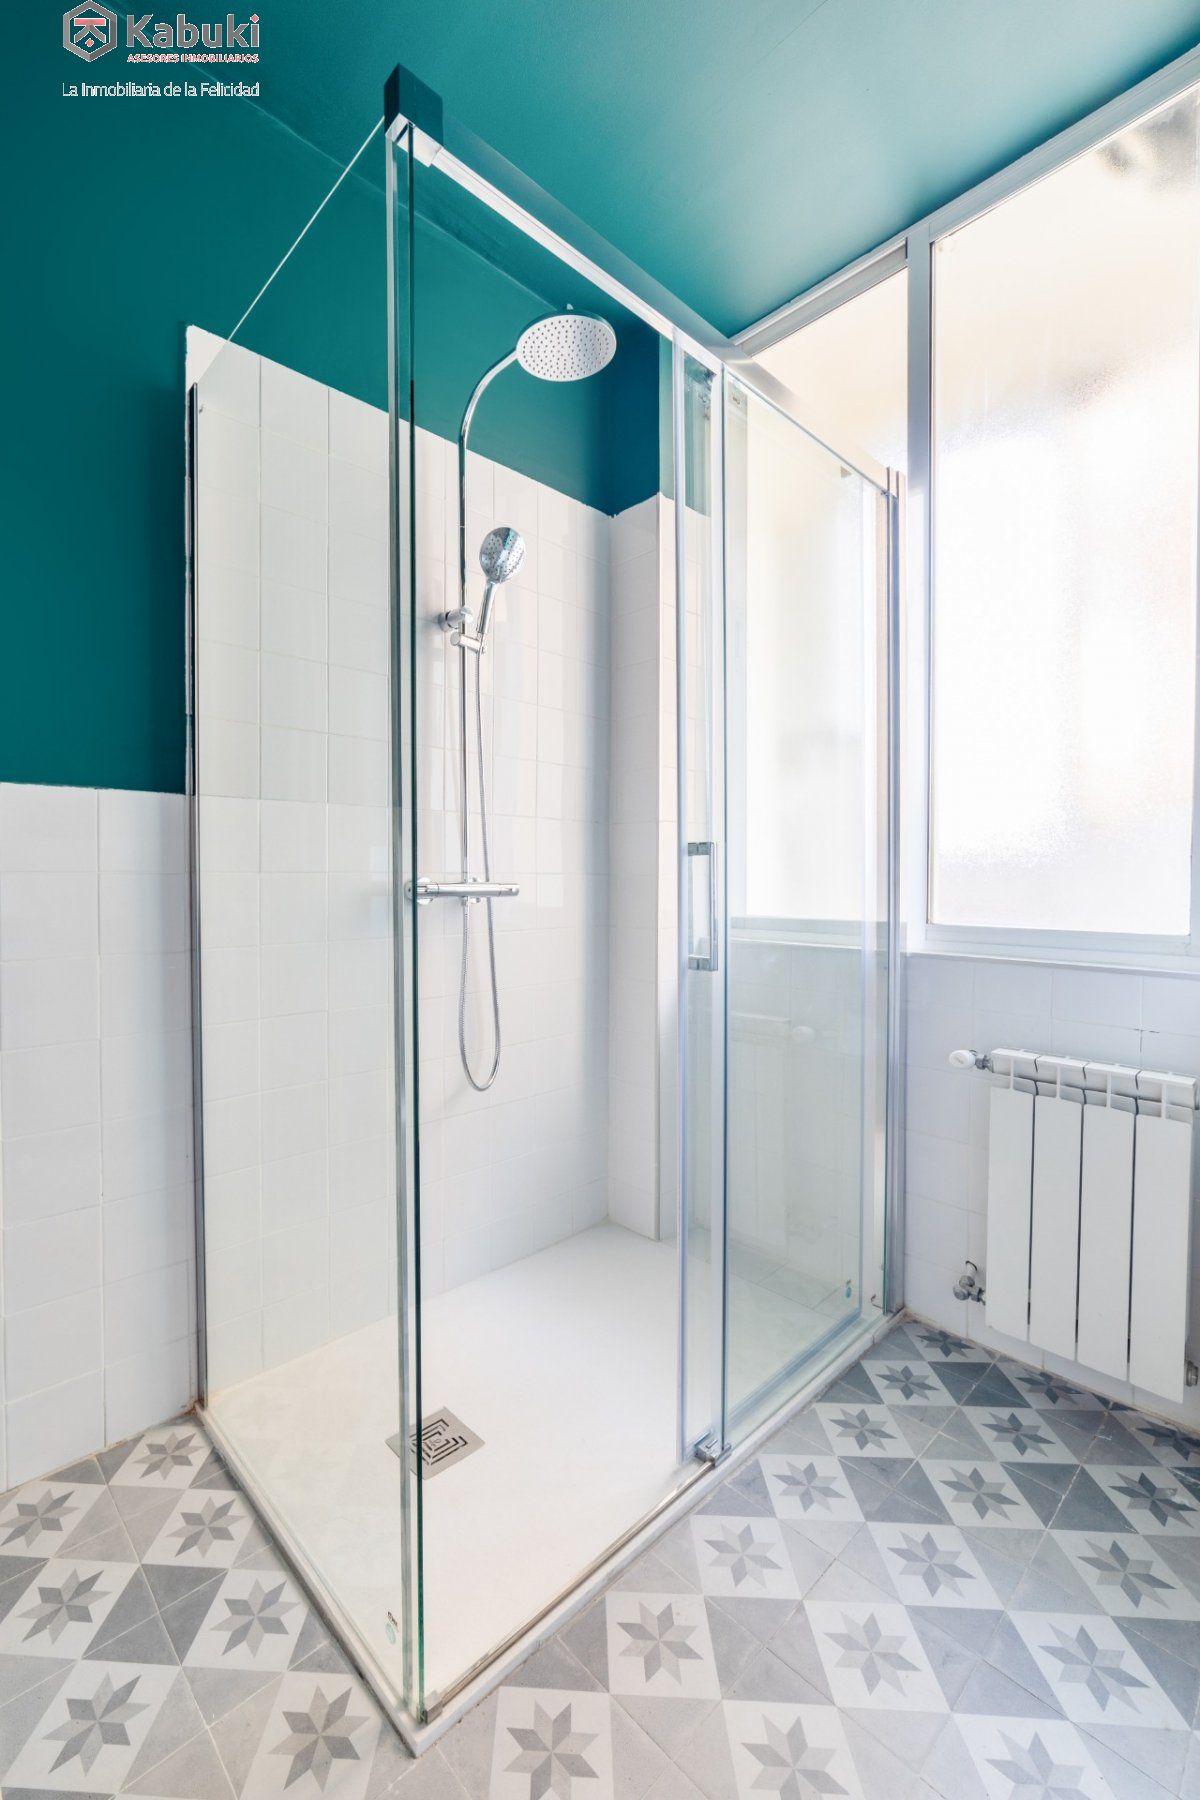 Se alquila curso 2020/2021 amplio y moderno apartamento, 6 dormitorios, 165 m, plenagran v - imagenInmueble28